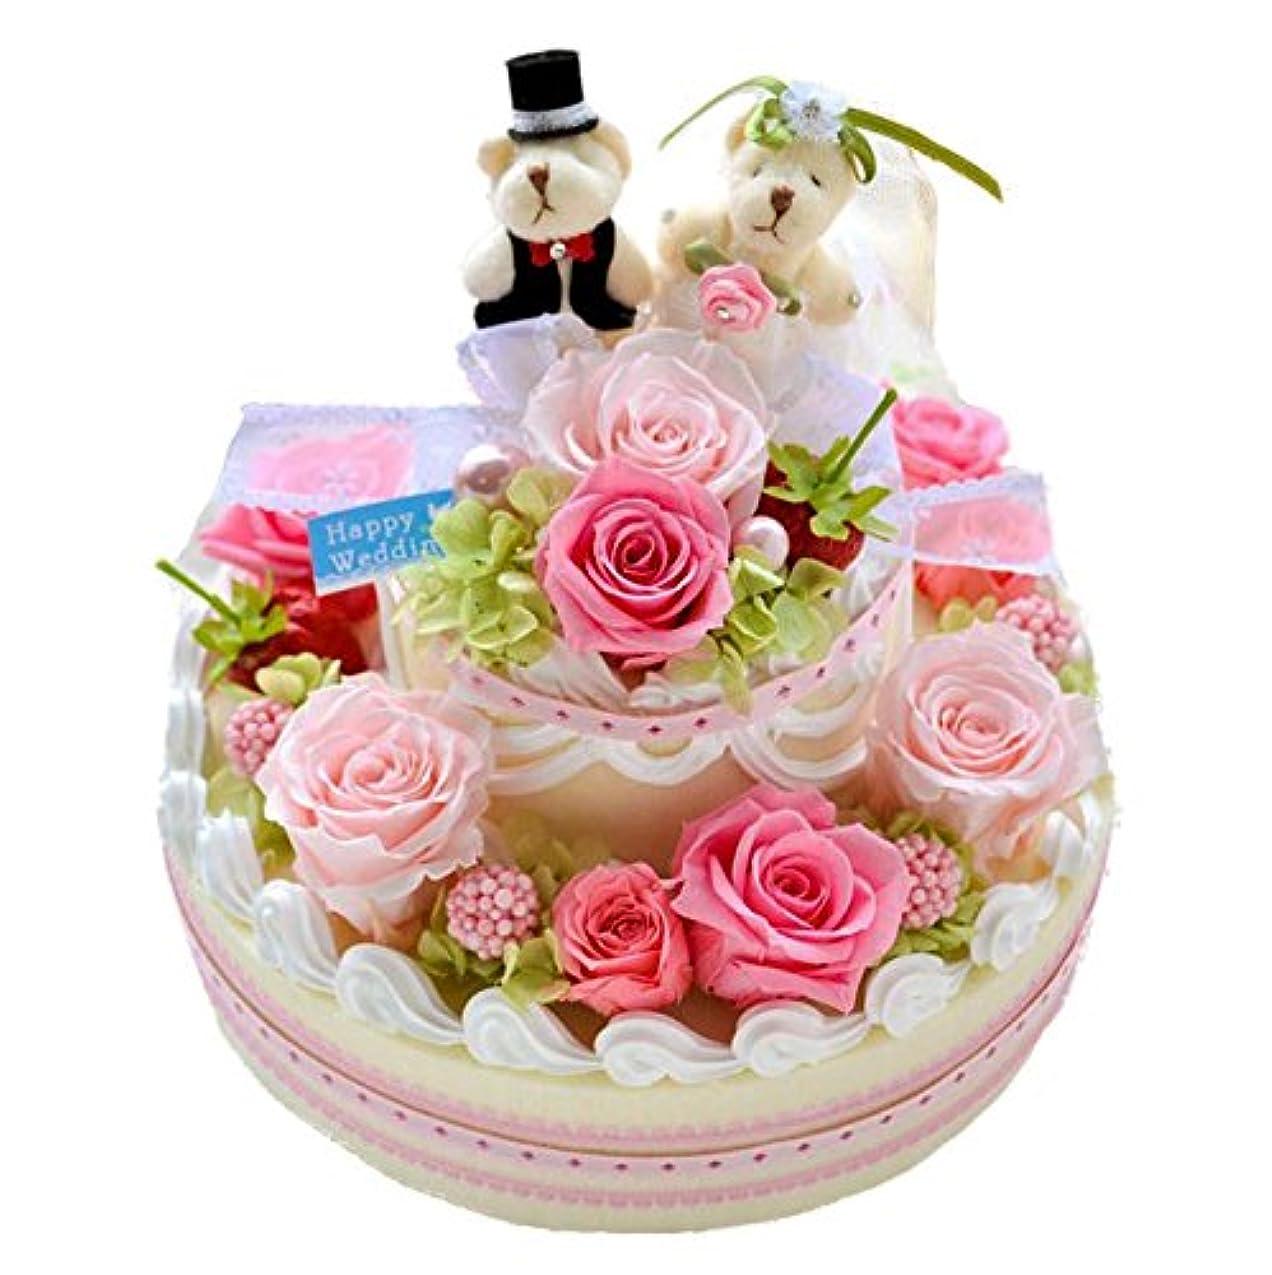 騒乱あえて贅沢な花由 プリザーブドフラワー 2段のWedding cake ブライダルベア付き ブリザードフラワー 結婚祝い 結婚式